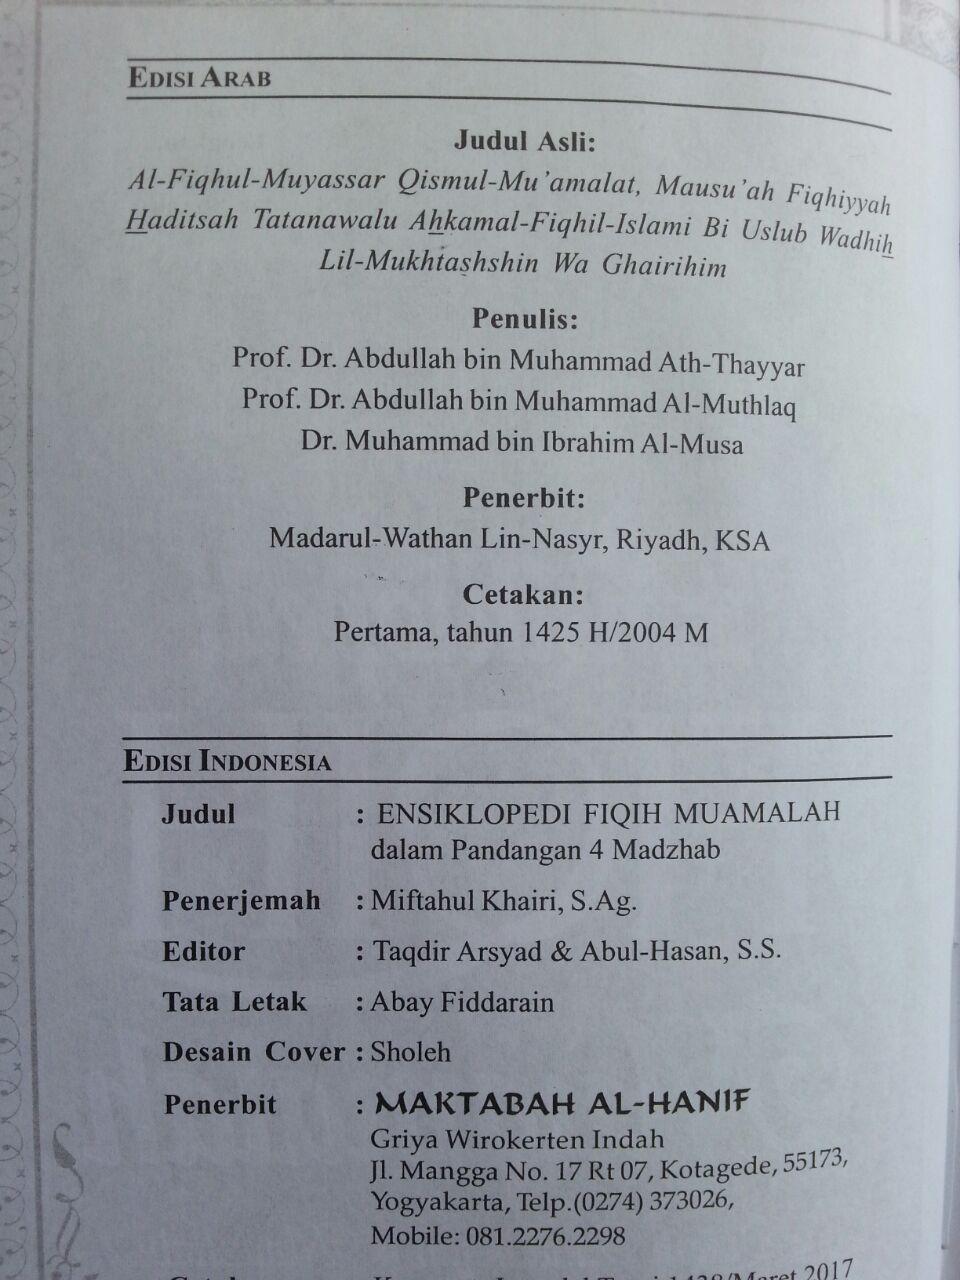 Buku Ensiklopedi Fiqih Muamalah Dalam Pandangan 4 Madzhab isi 2